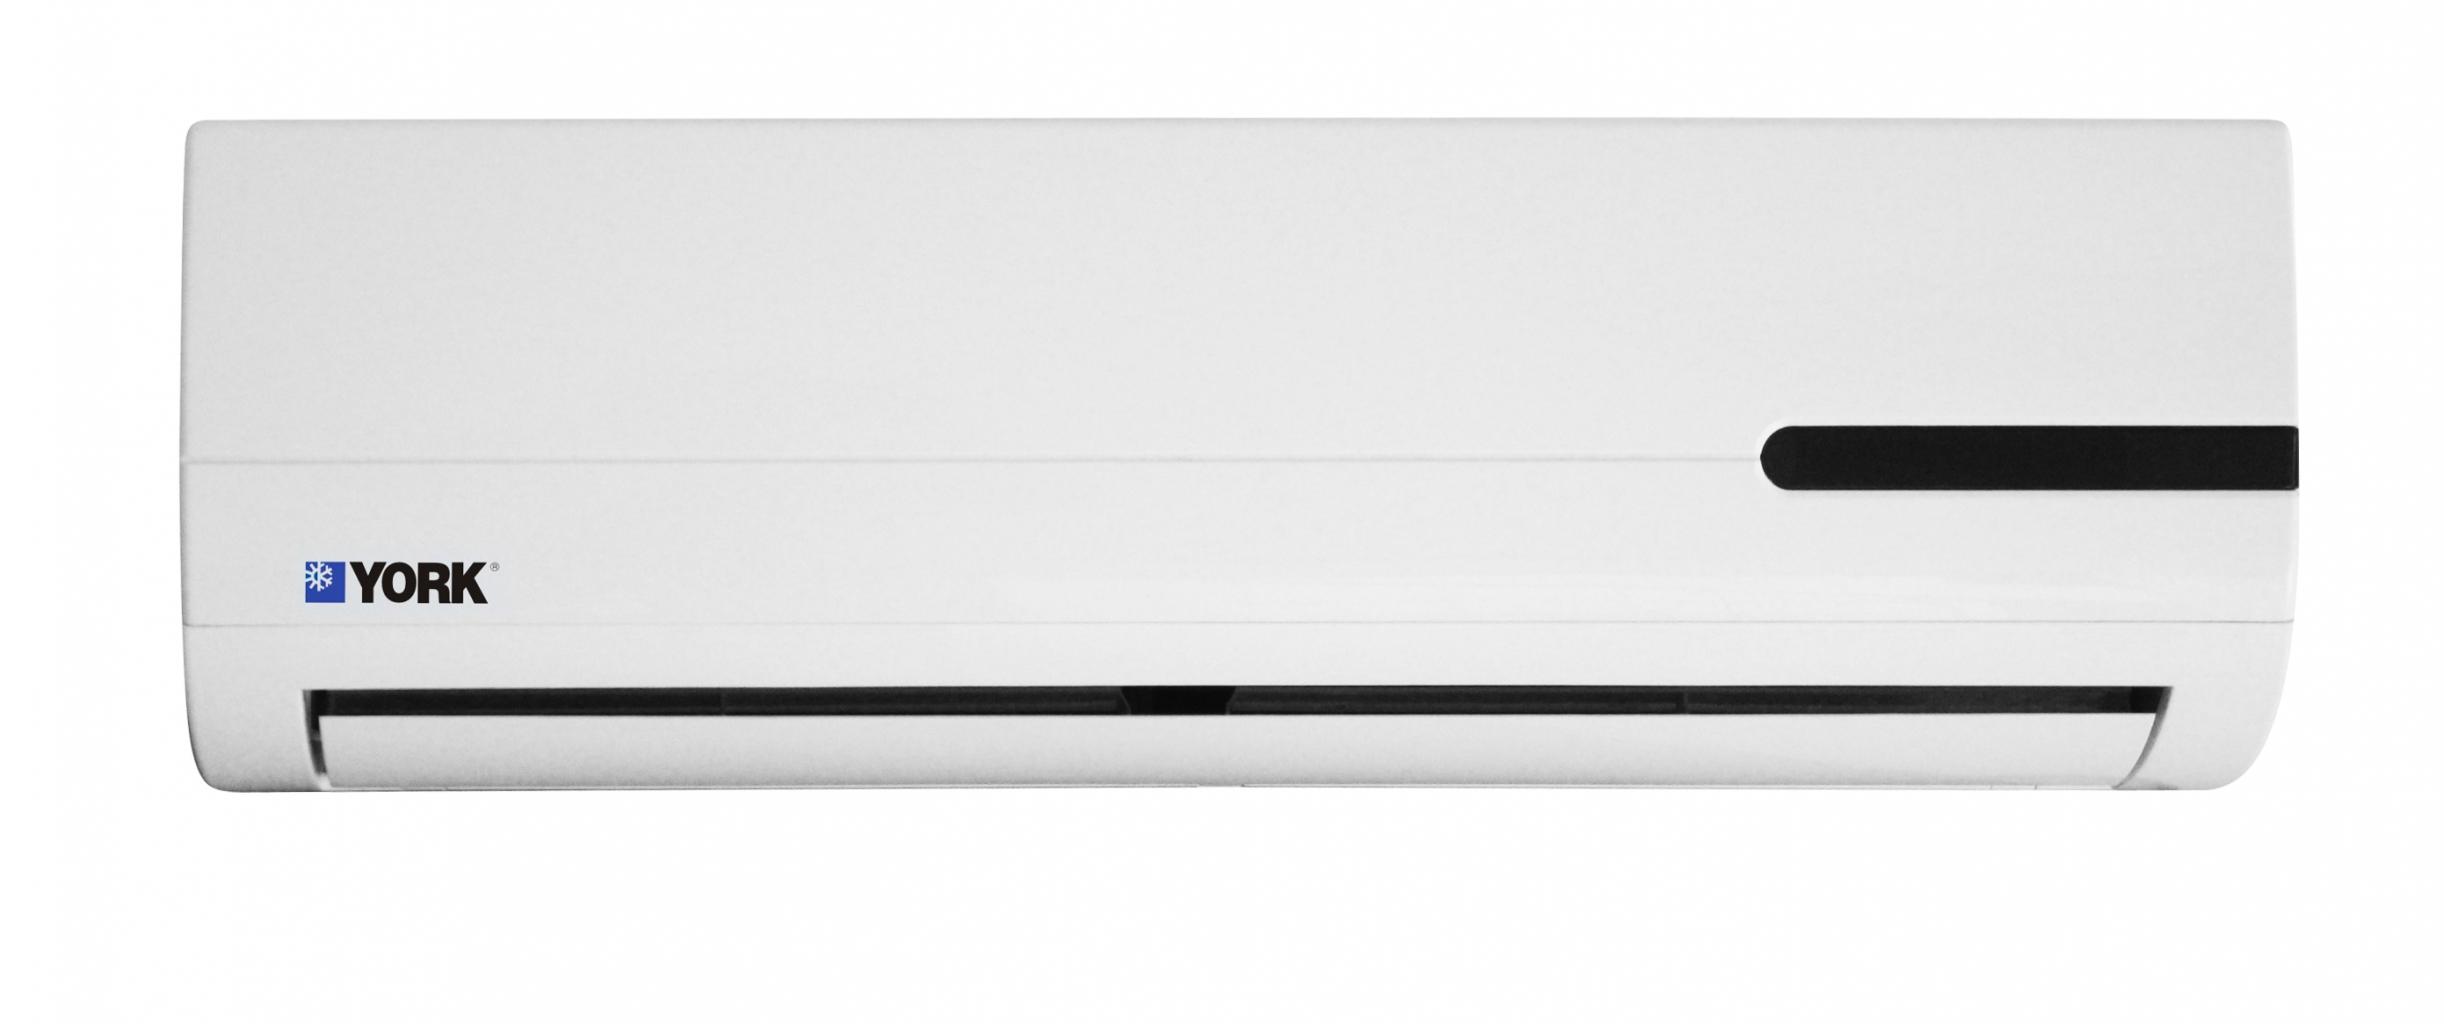 ar-condicionado-split-hi-wall-york-9000-btus-frio-220v-201309181011311